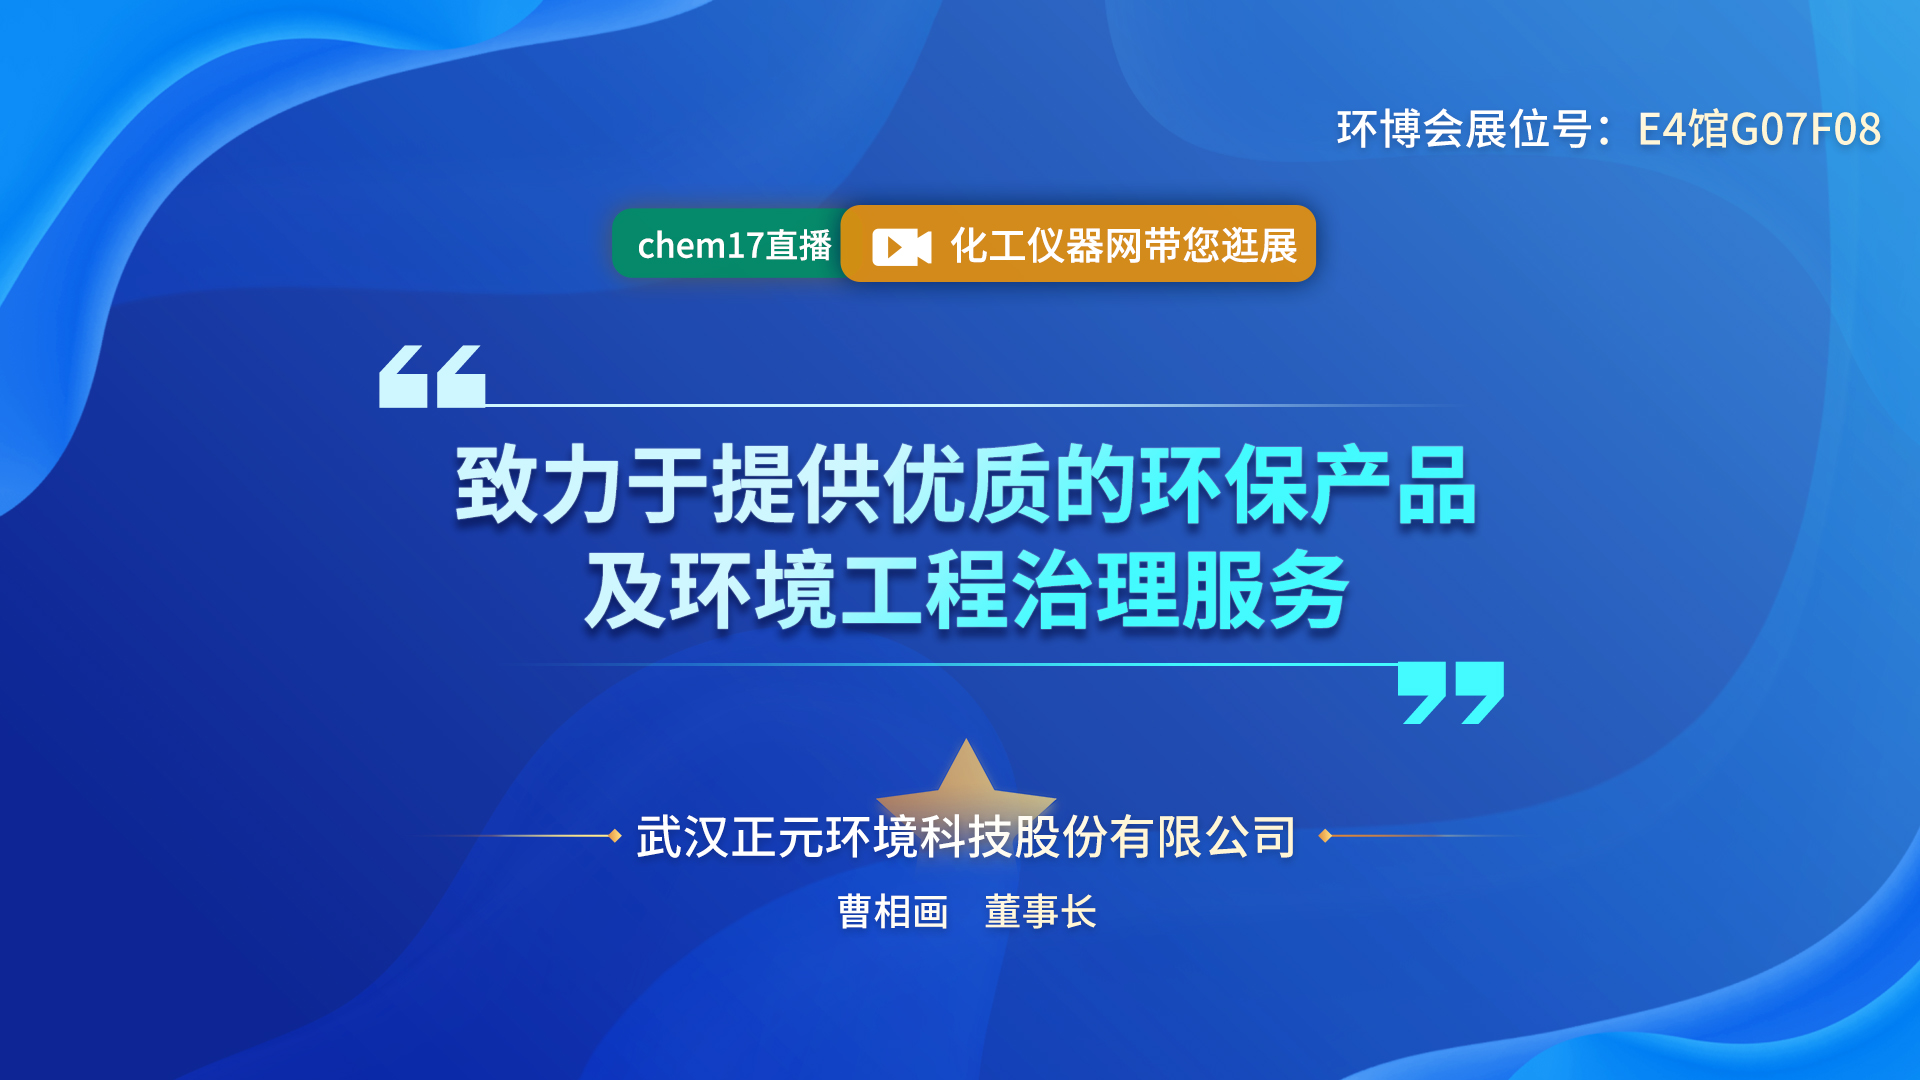 武汉正元环境科技股份有限公司精彩亮相2021环博会